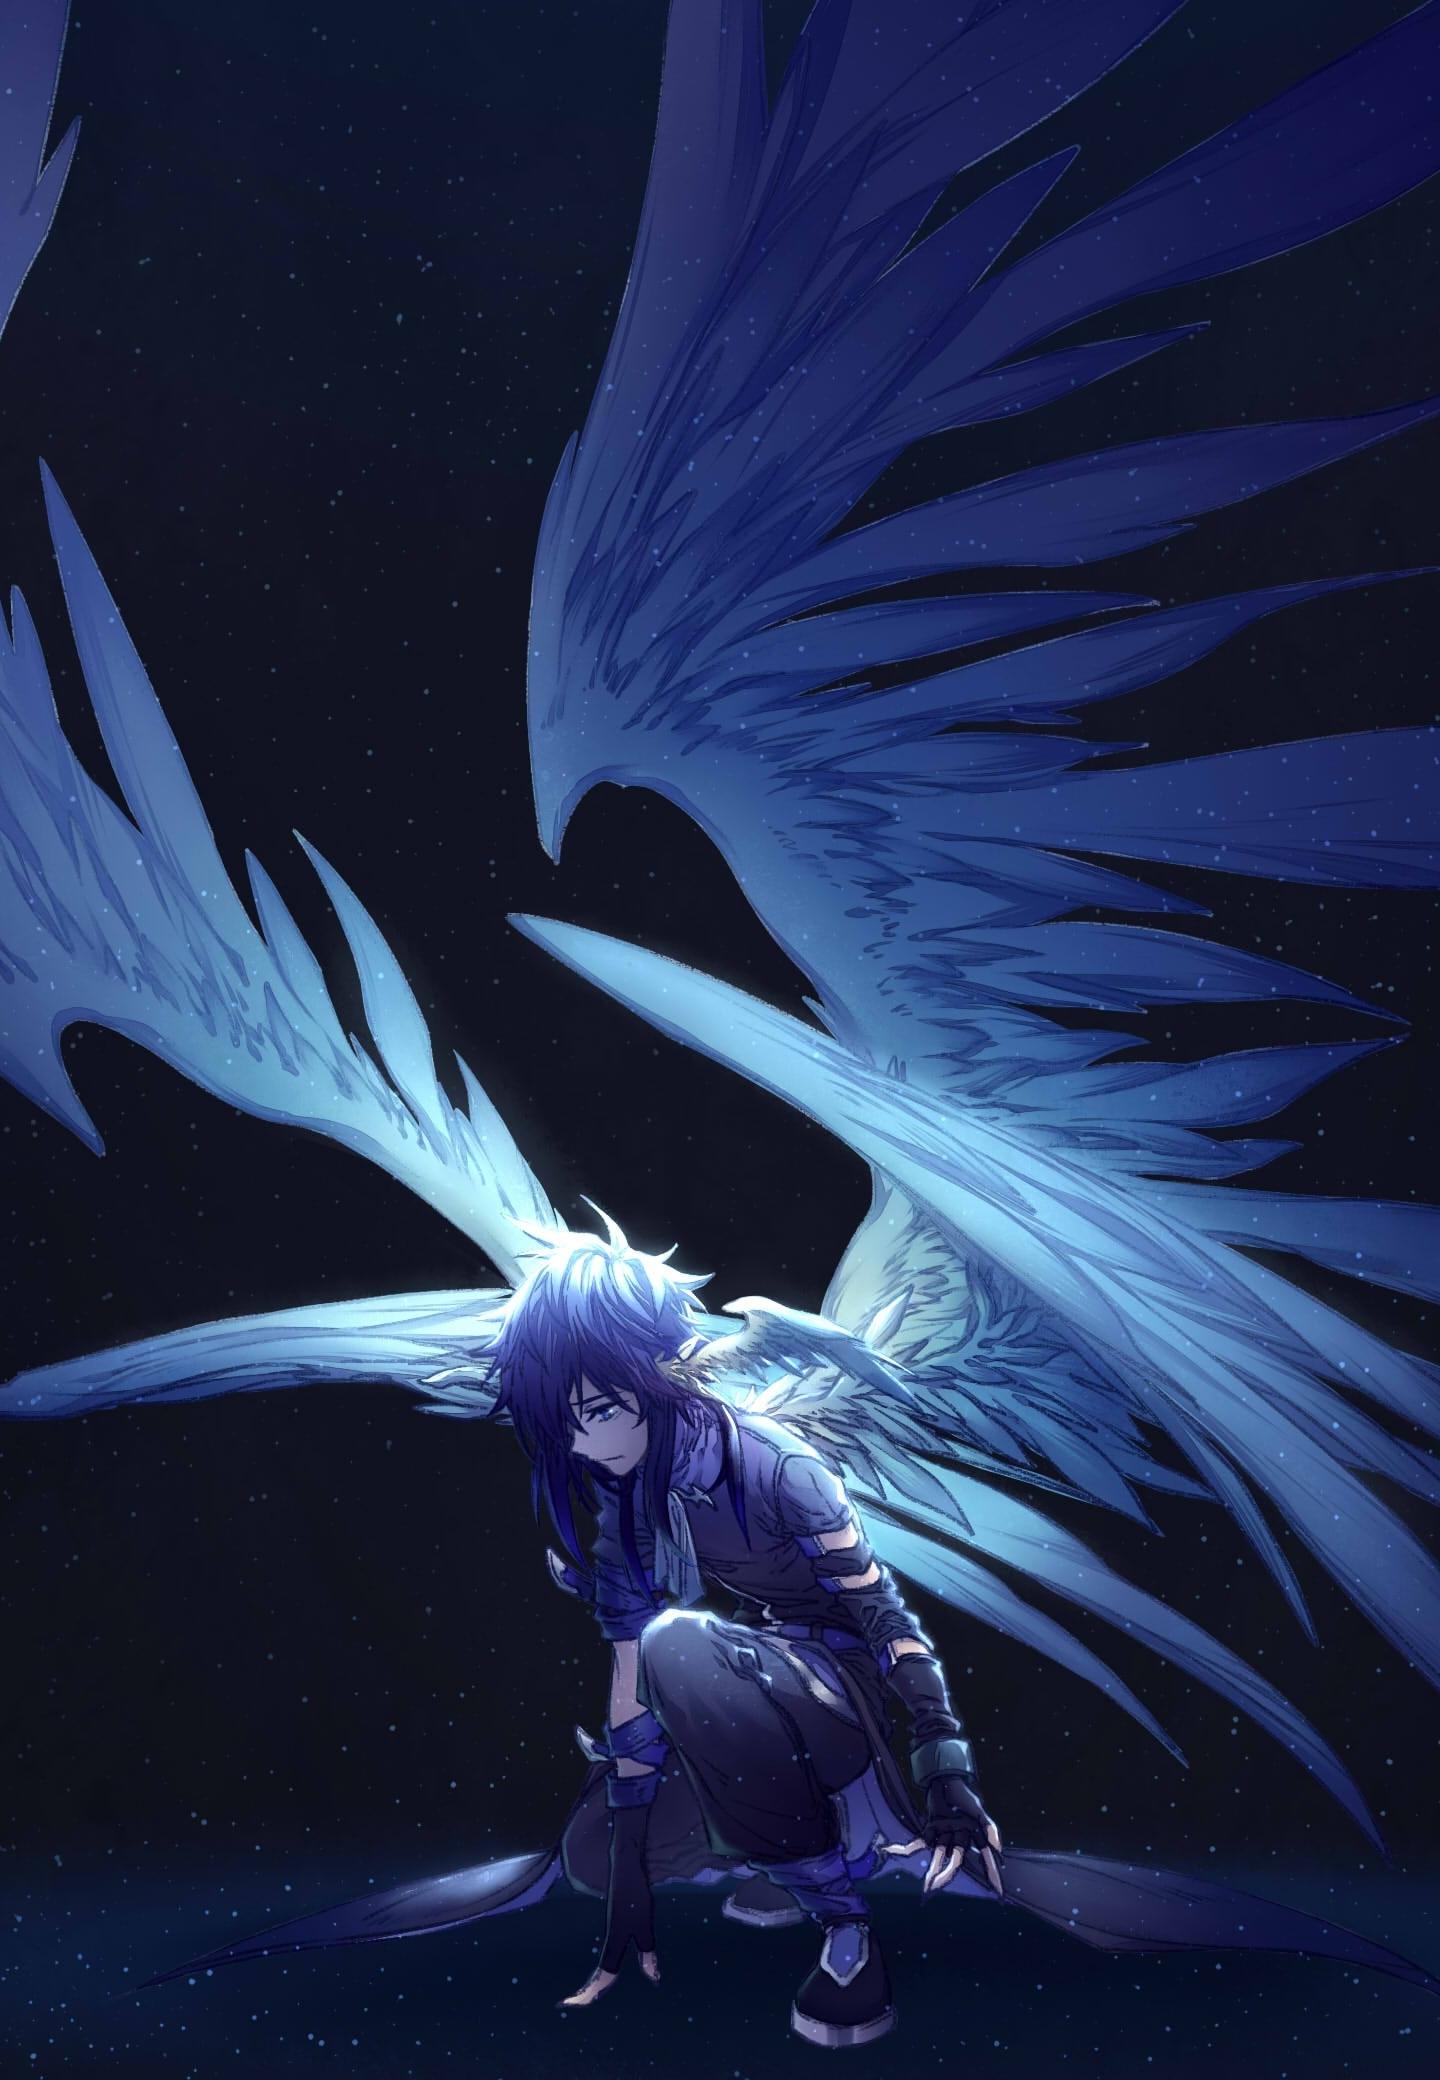 dark wings angel anime